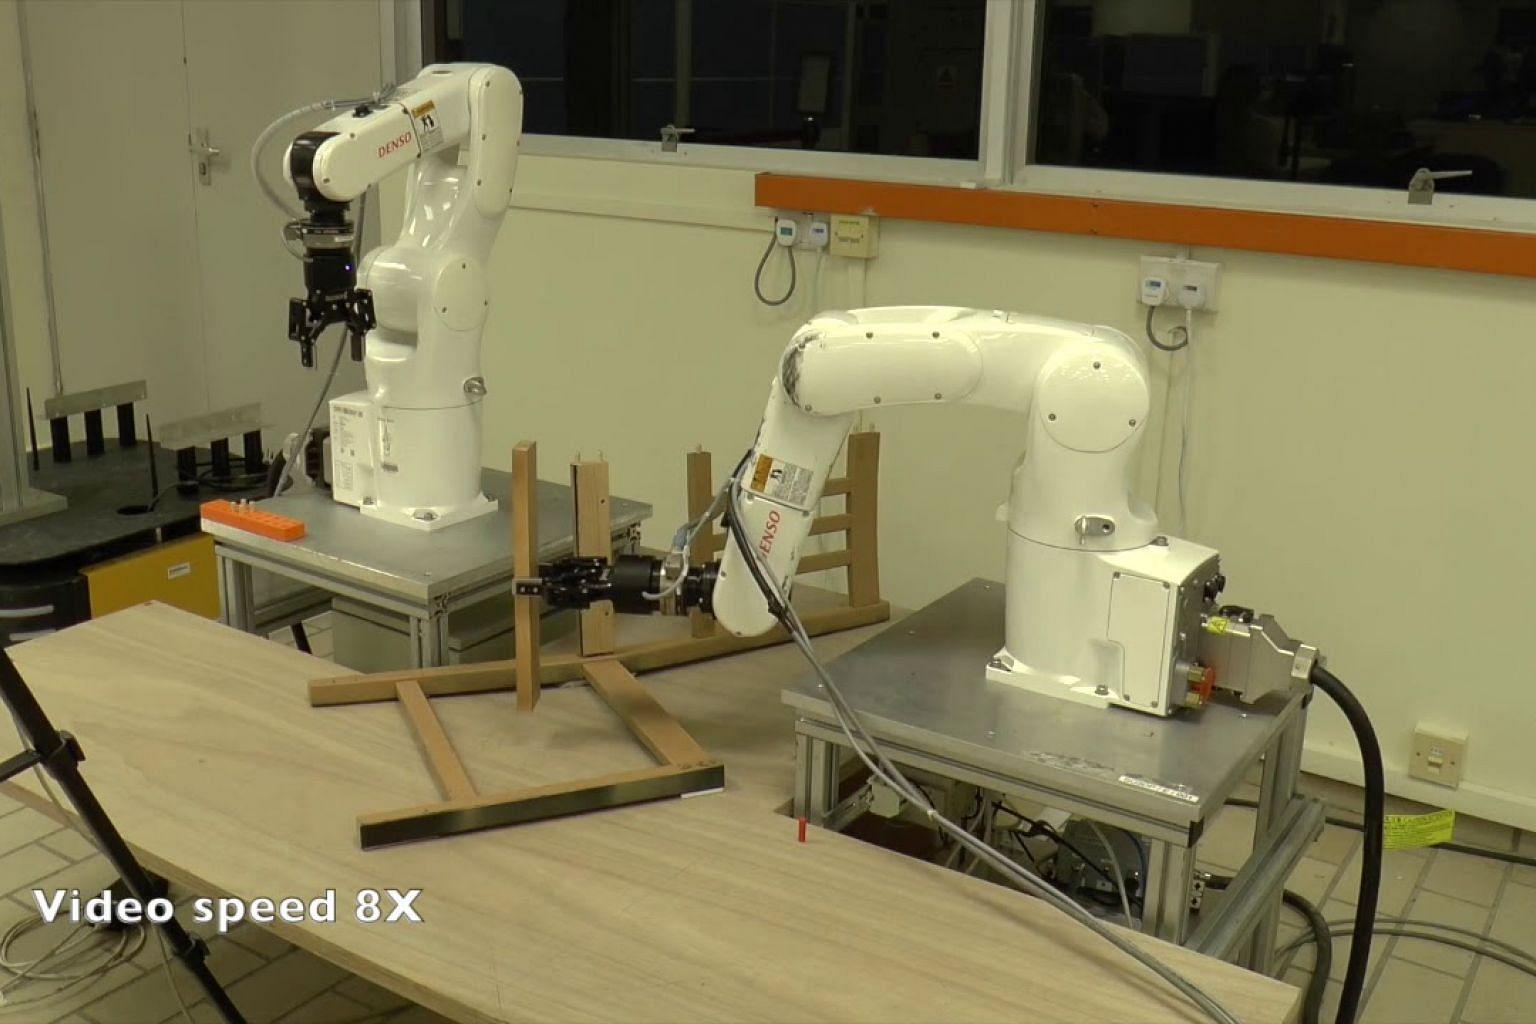 Can robots assemble an IKEA chair?